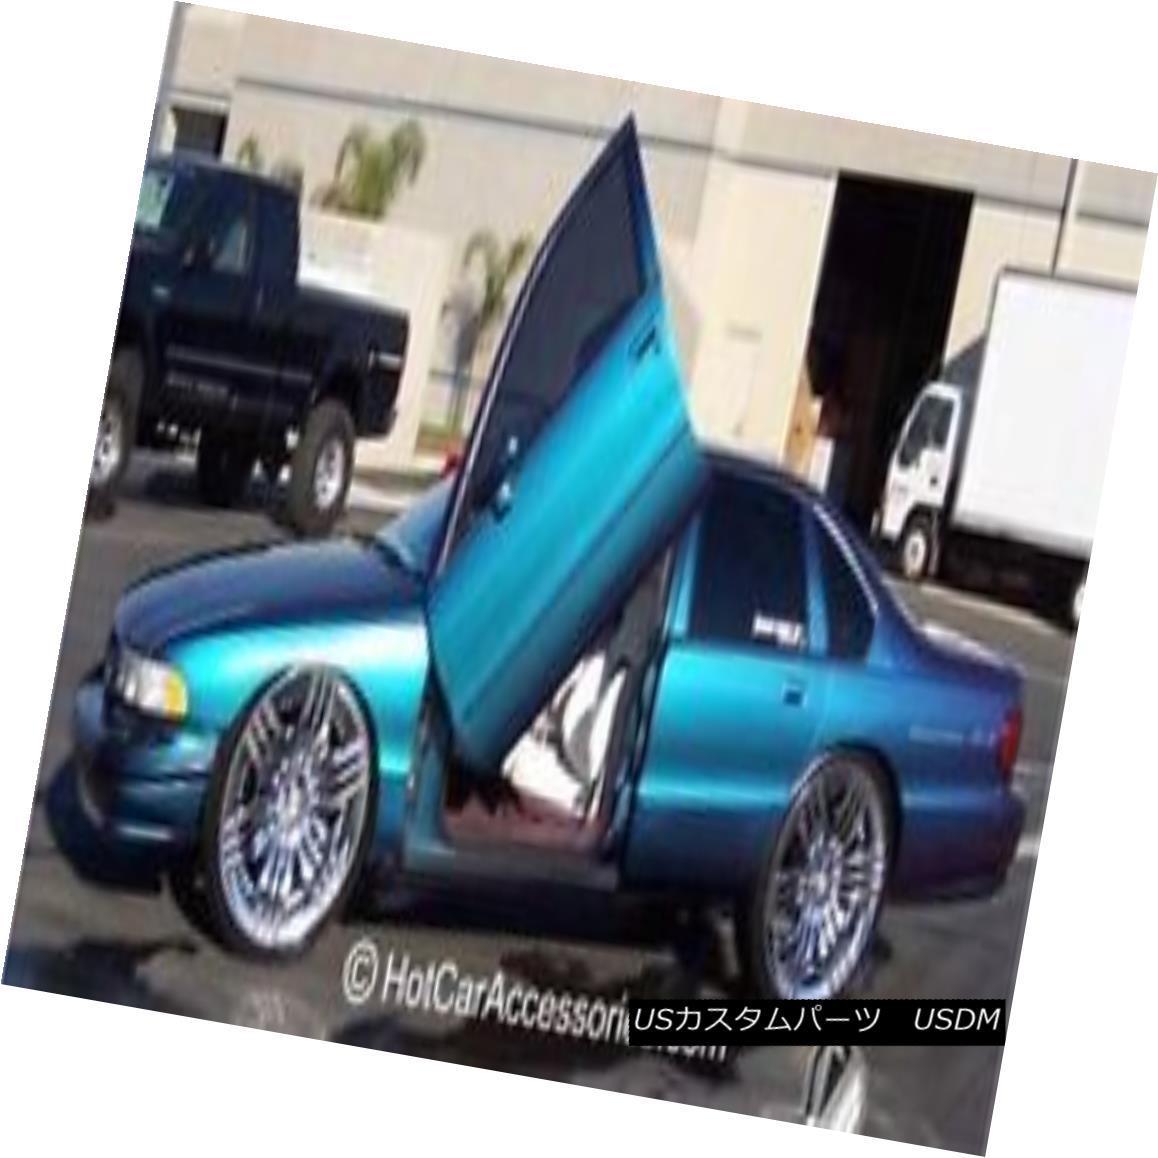 ガルウィングキット Chevy Caprice 1977-1990 Vertical Doors Lambo Door Kit BEST PRICE! Chevy Caprice 1977-1990垂直ドアLambo Door Kitベストプライス!